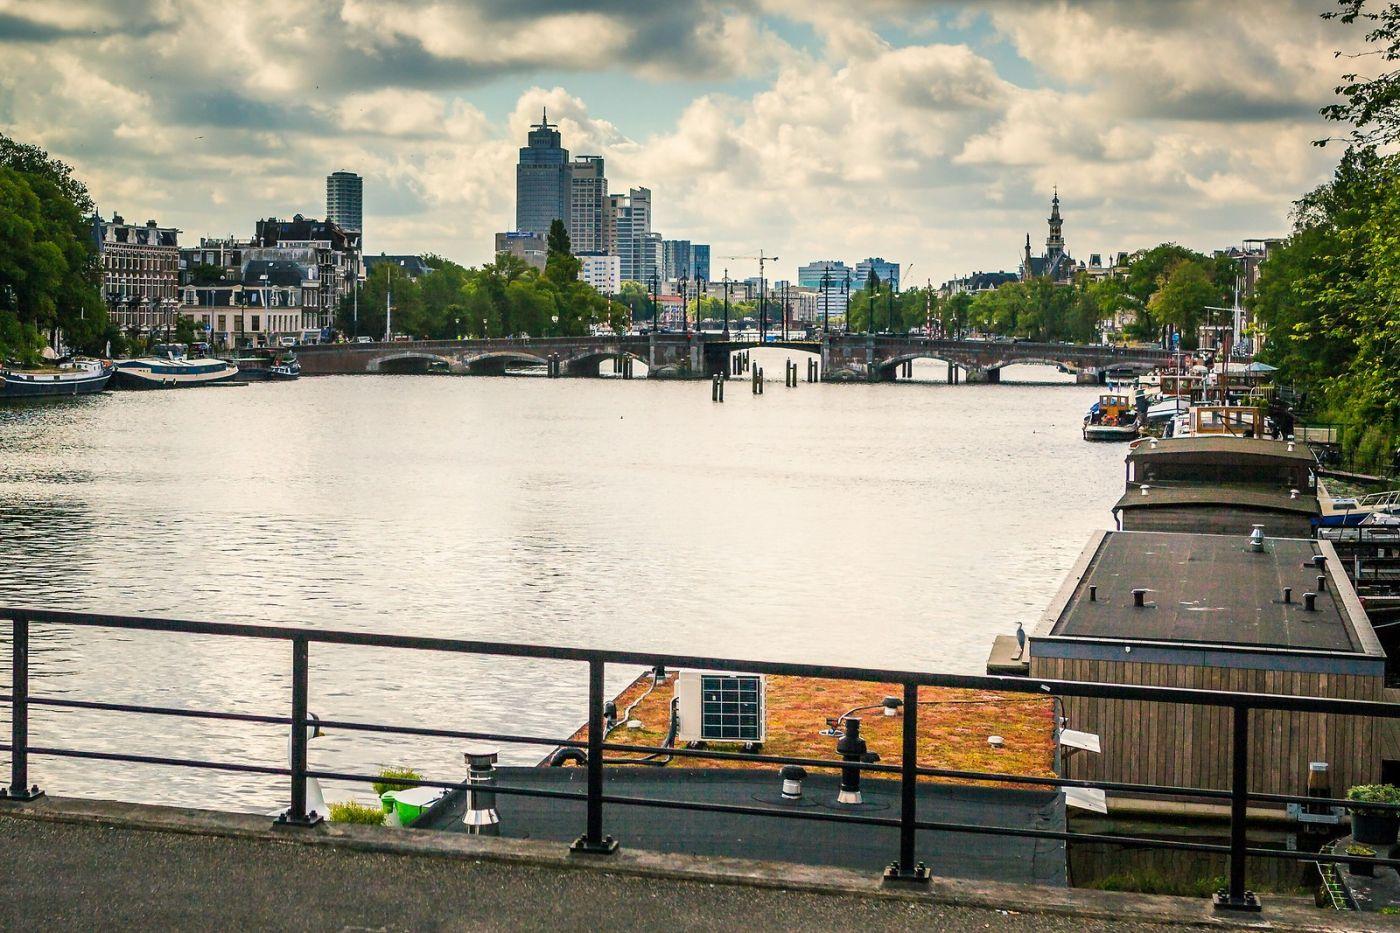 荷兰阿姆斯特丹,穿梭的自行车_图1-32